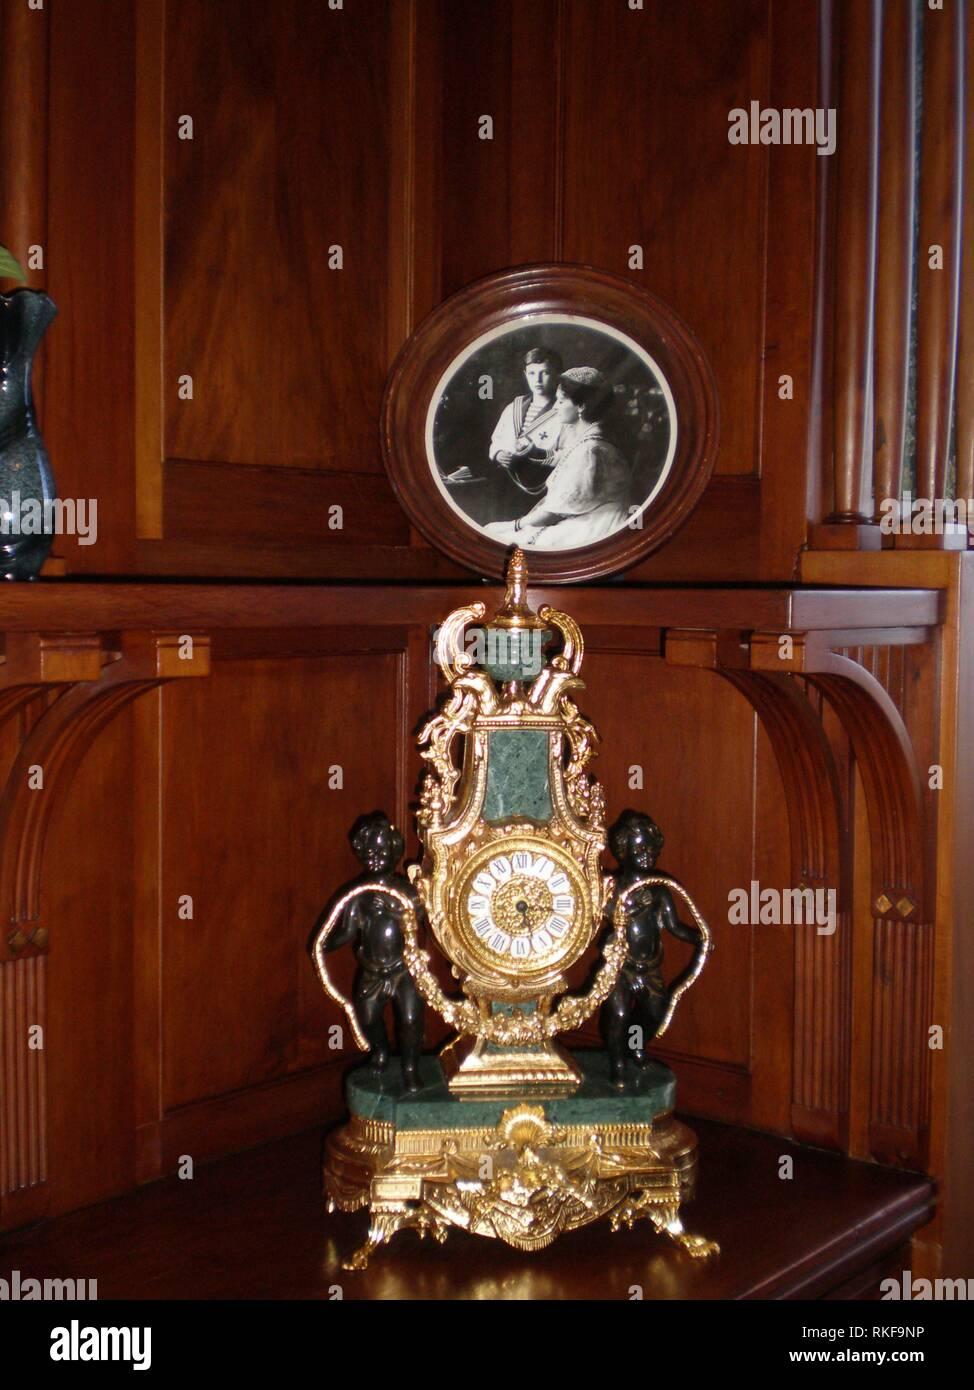 The clock in the Livadia Palace, the royal room. Livadiya, Crimea - Stock Image